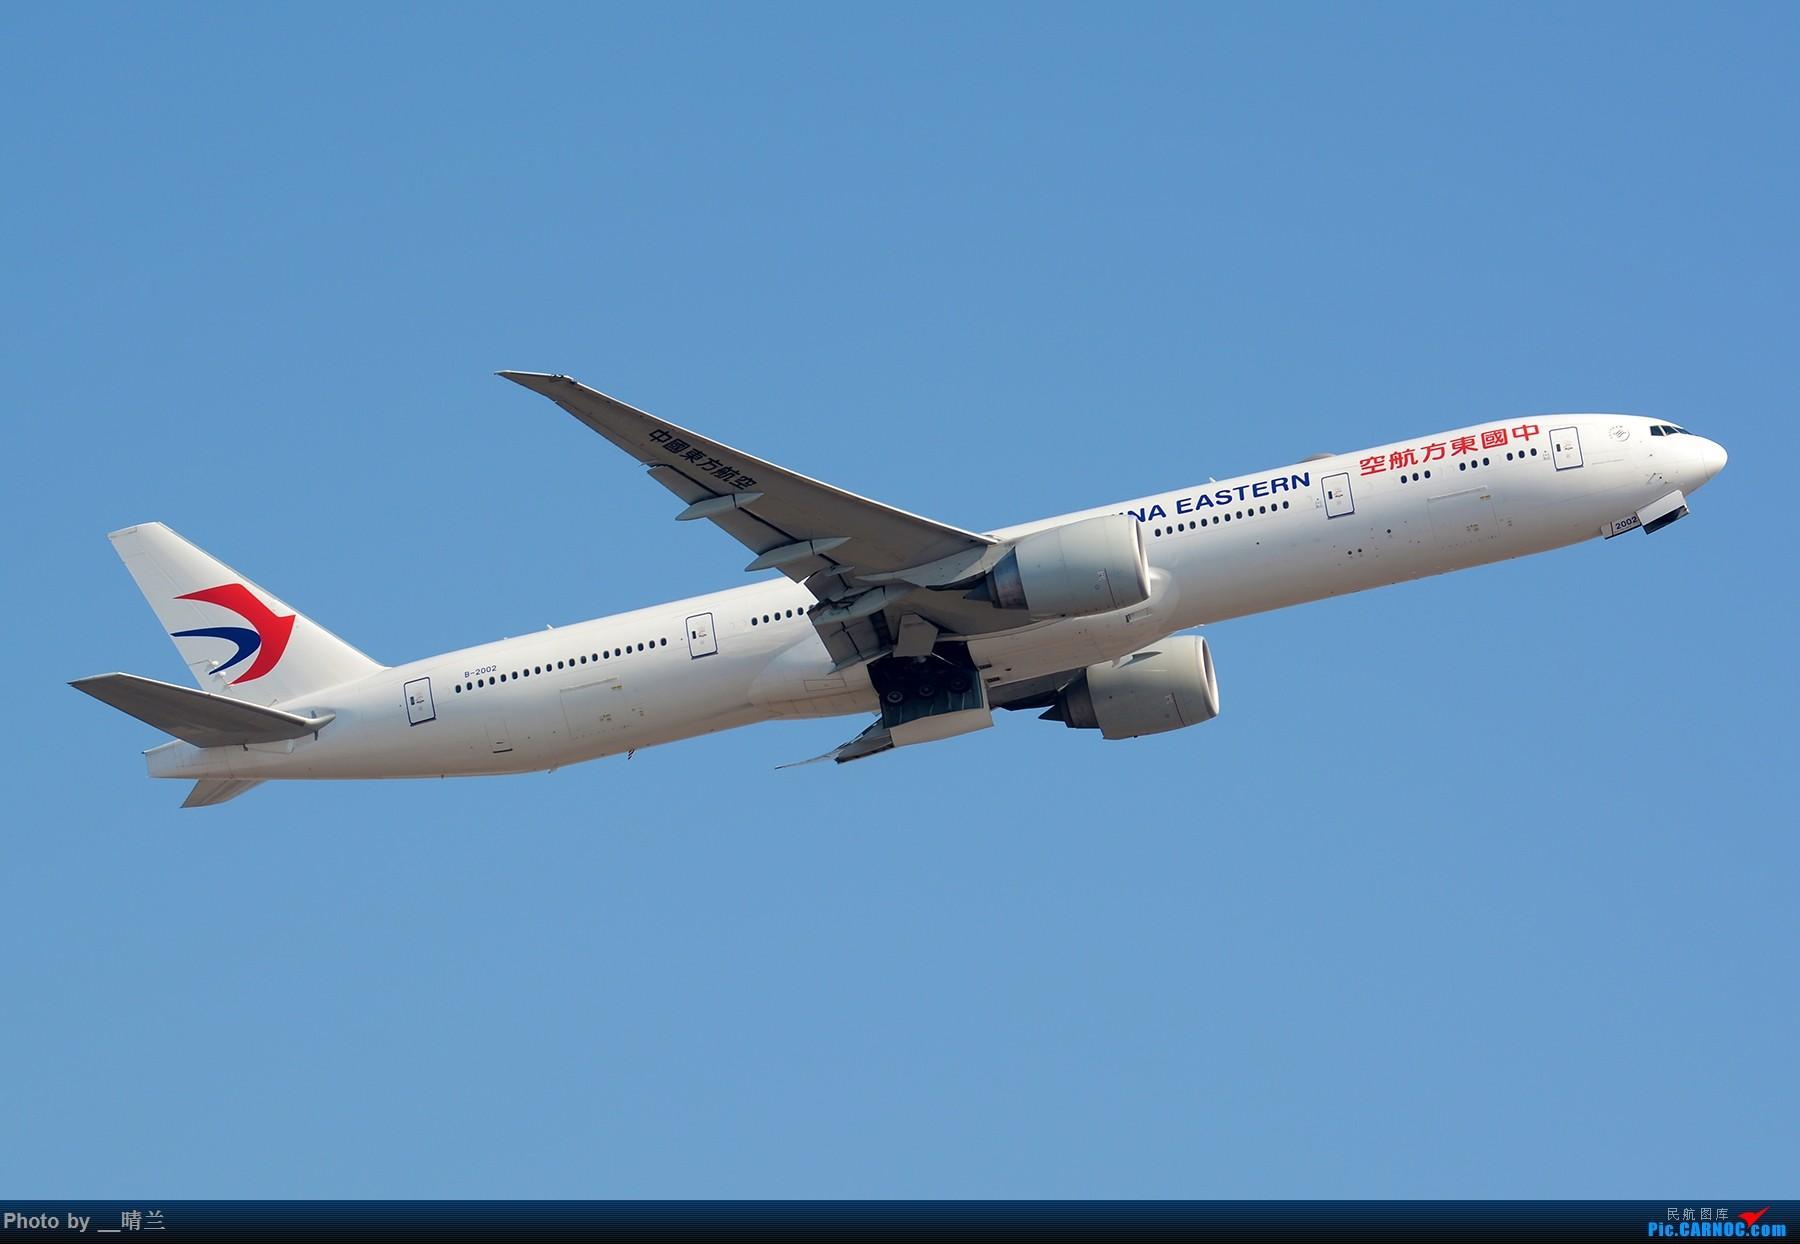 [原创]【PVG】大年初二 新角度解锁 集齐7只77W 召唤748一枚!#祝各位飞友新的一年一飞冲天!# BOEING 777-300ER B-2002 中国上海浦东国际机场